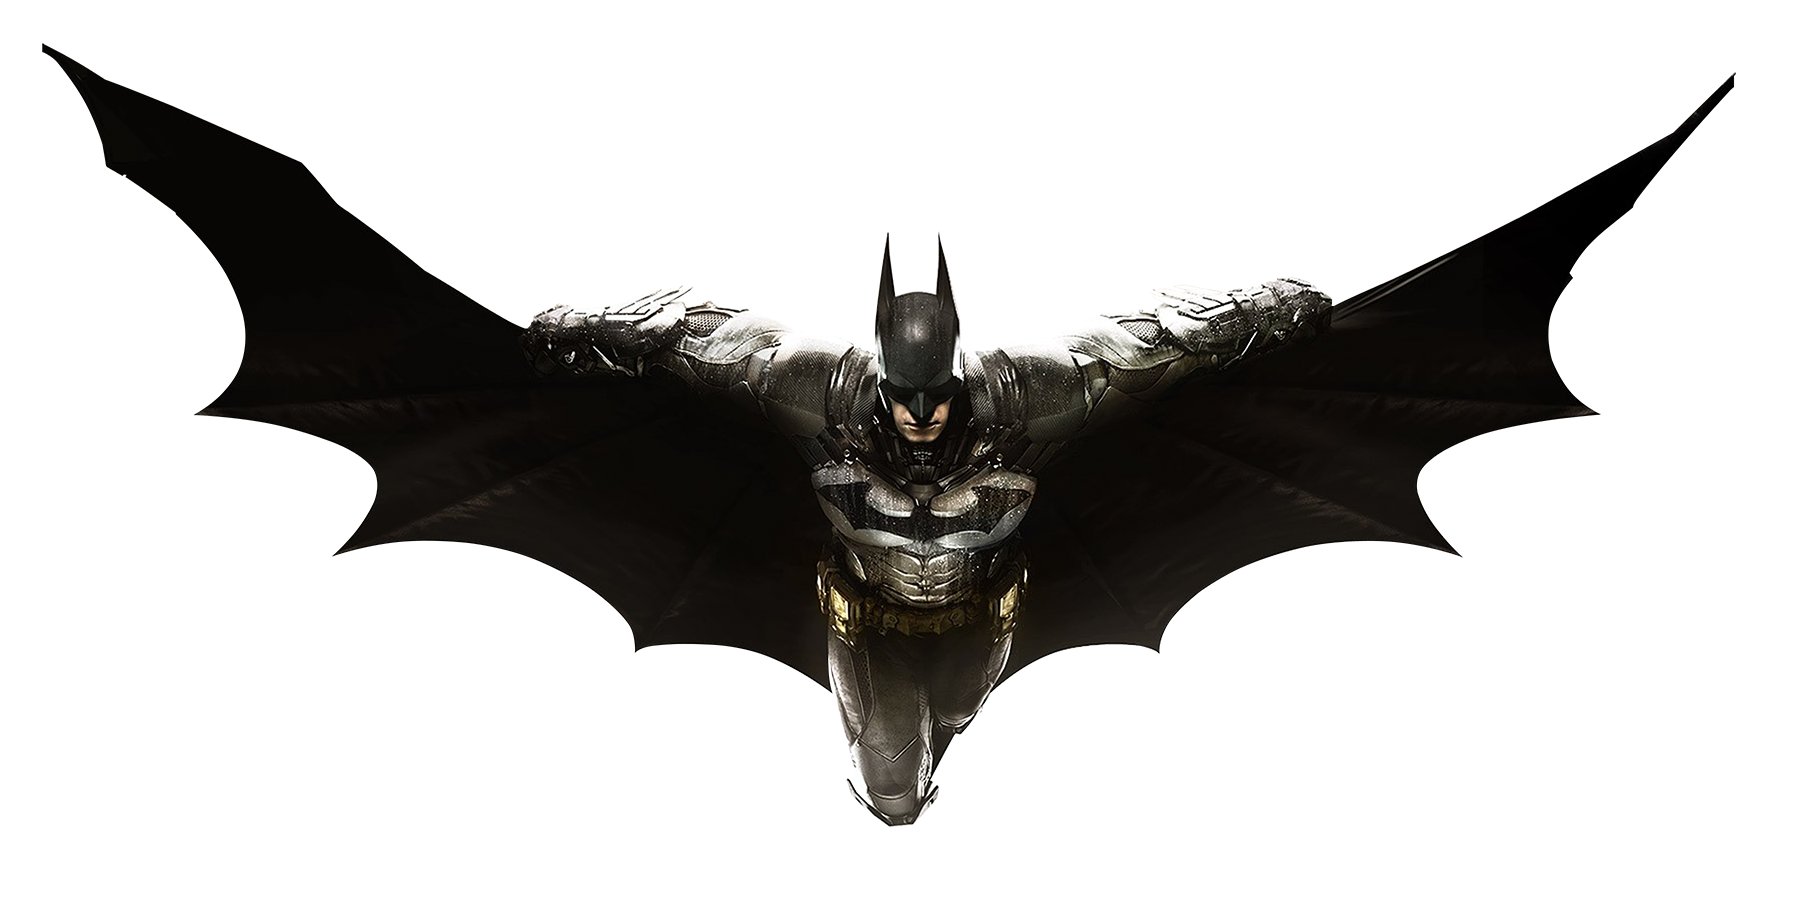 Batman Png image #36108 - Batman PNG